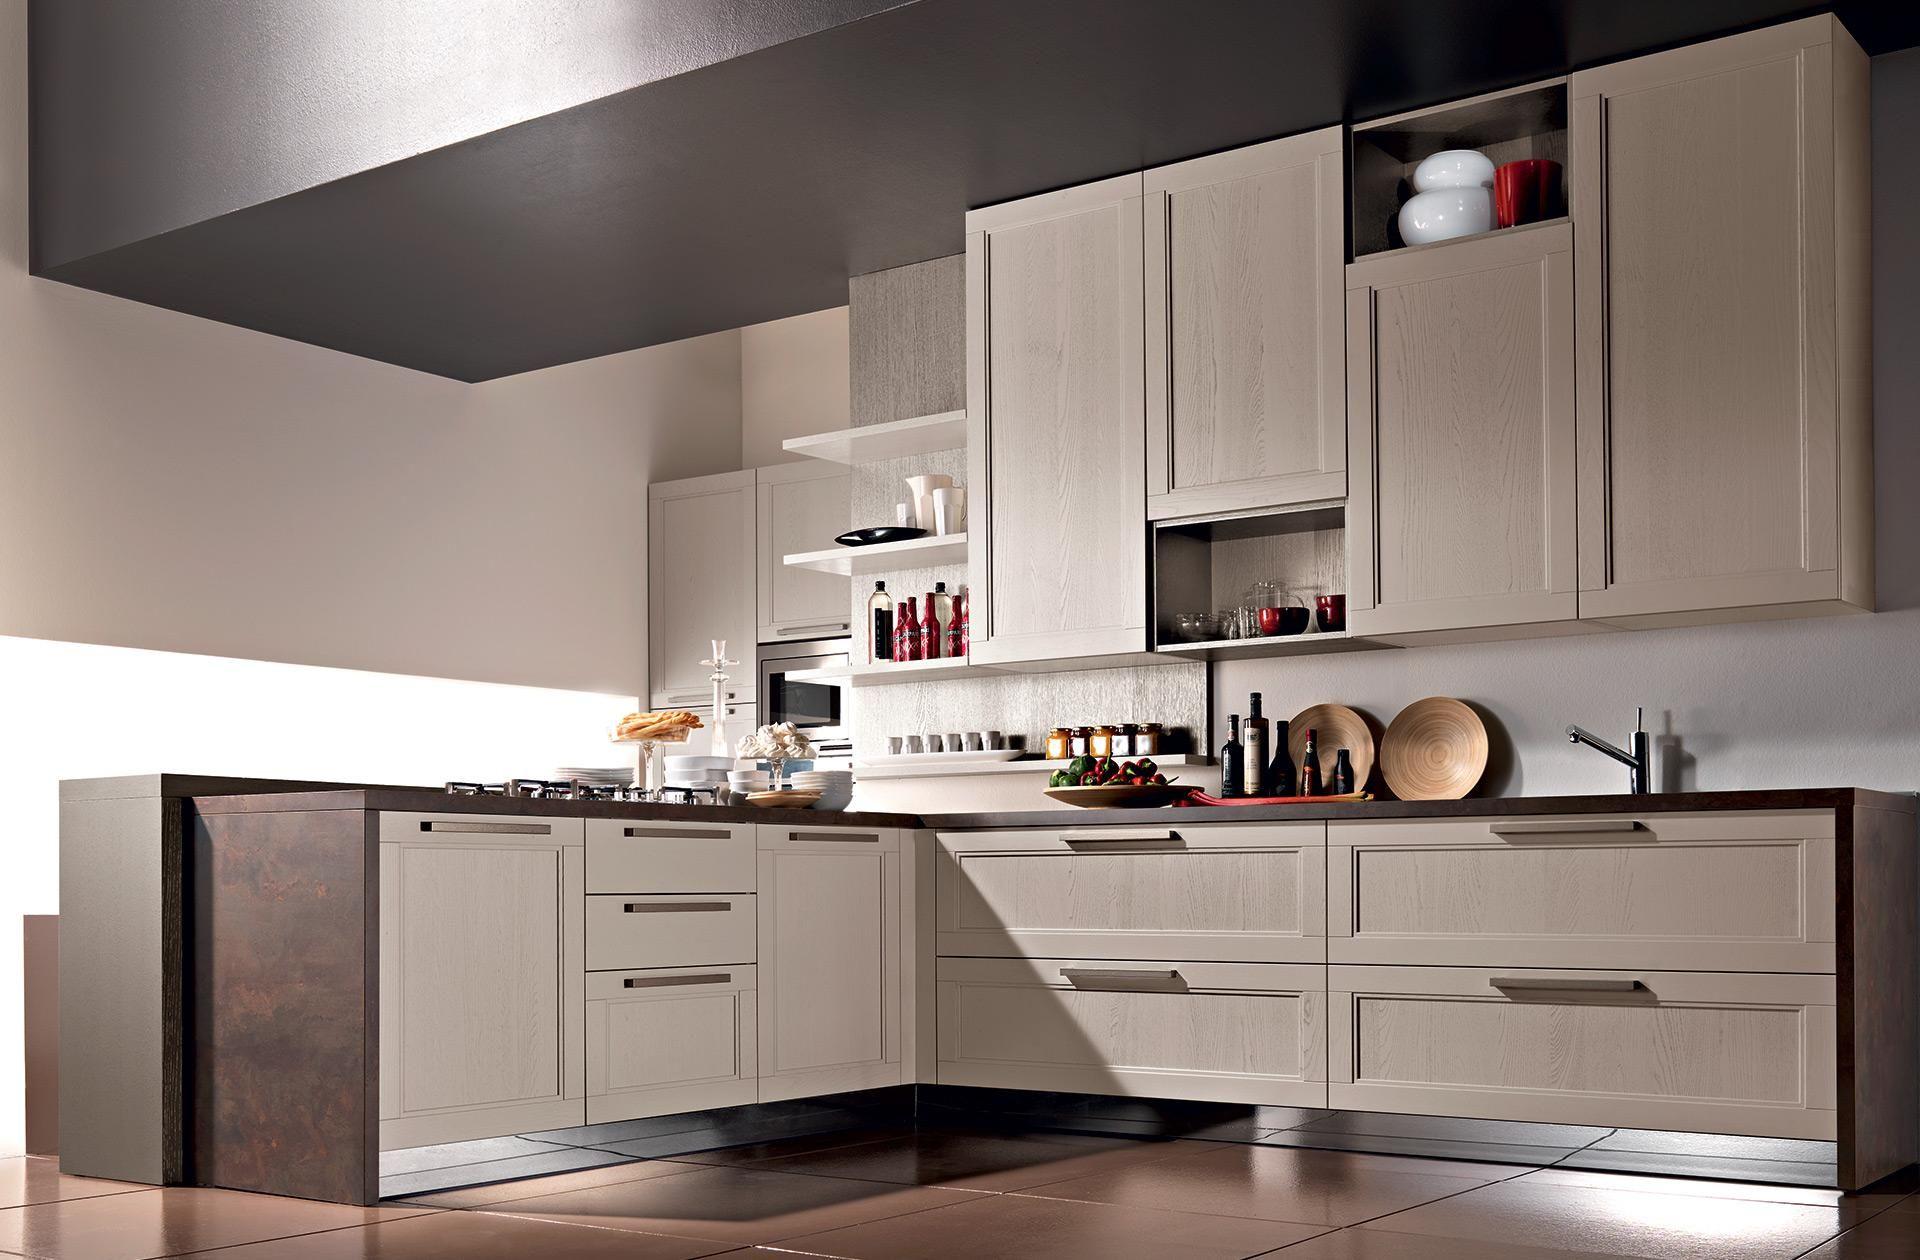 Old Line - Una cucina moderna o classica? ... entrambe, perchè no ...